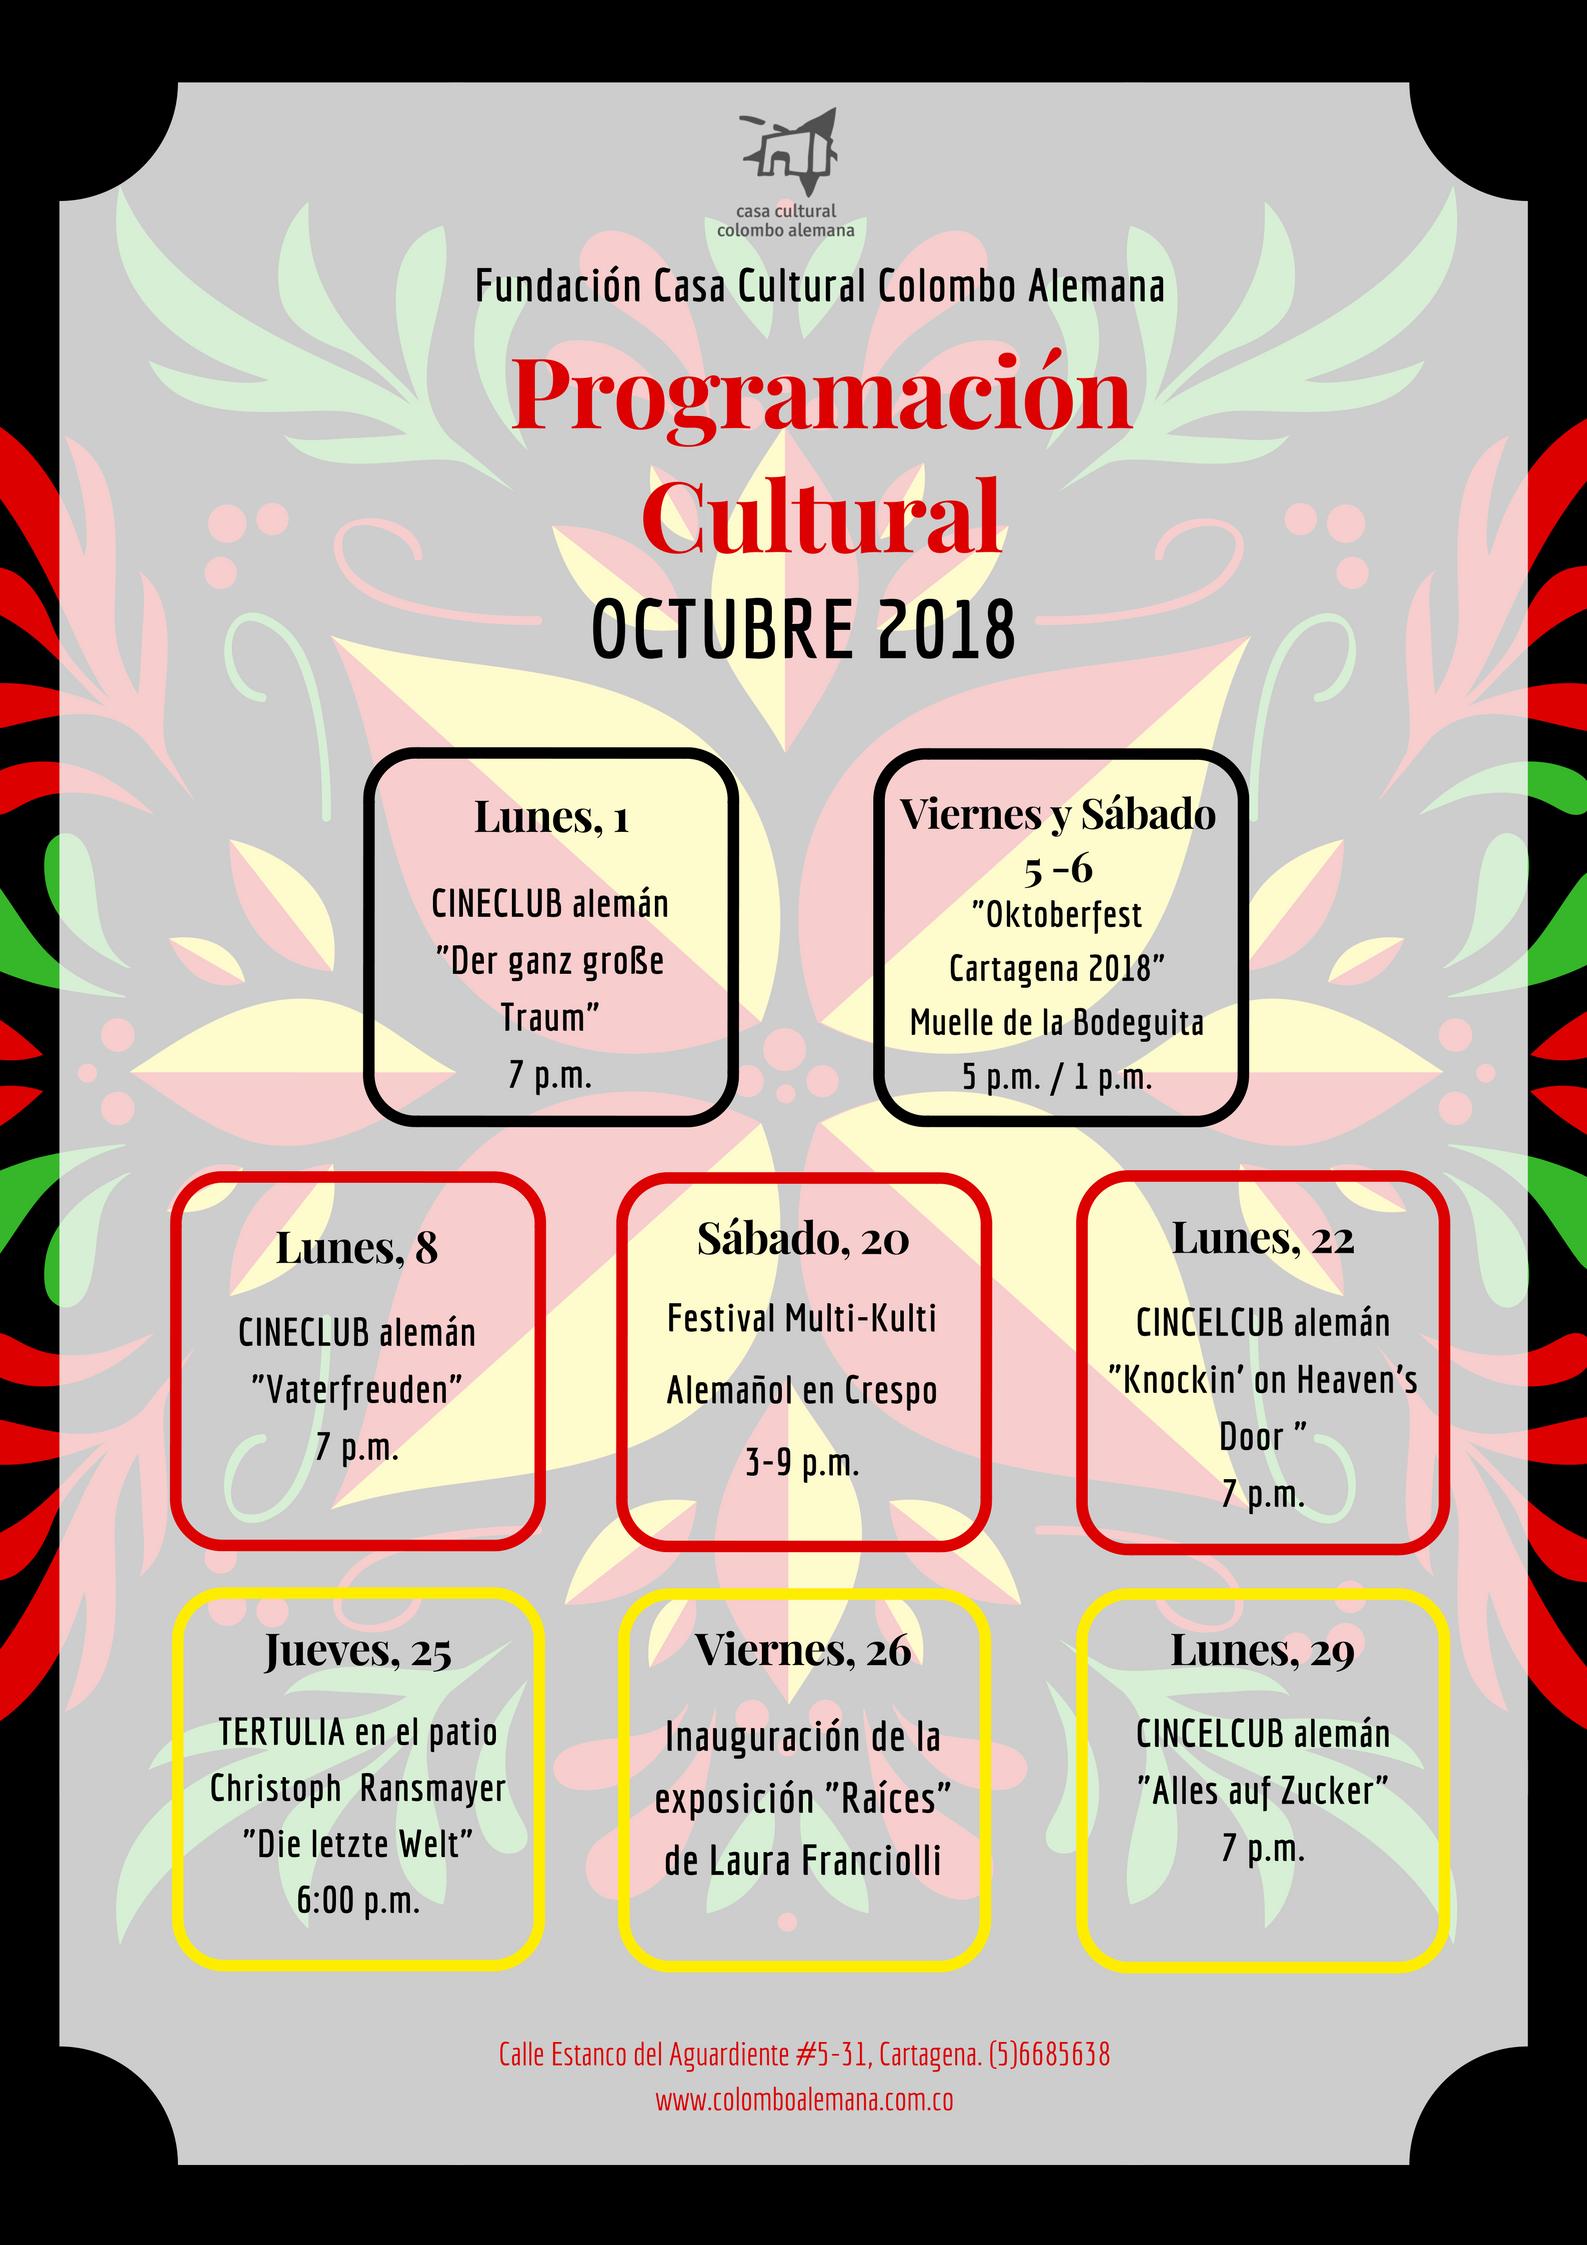 10_Programación Cultural Octubre 2018